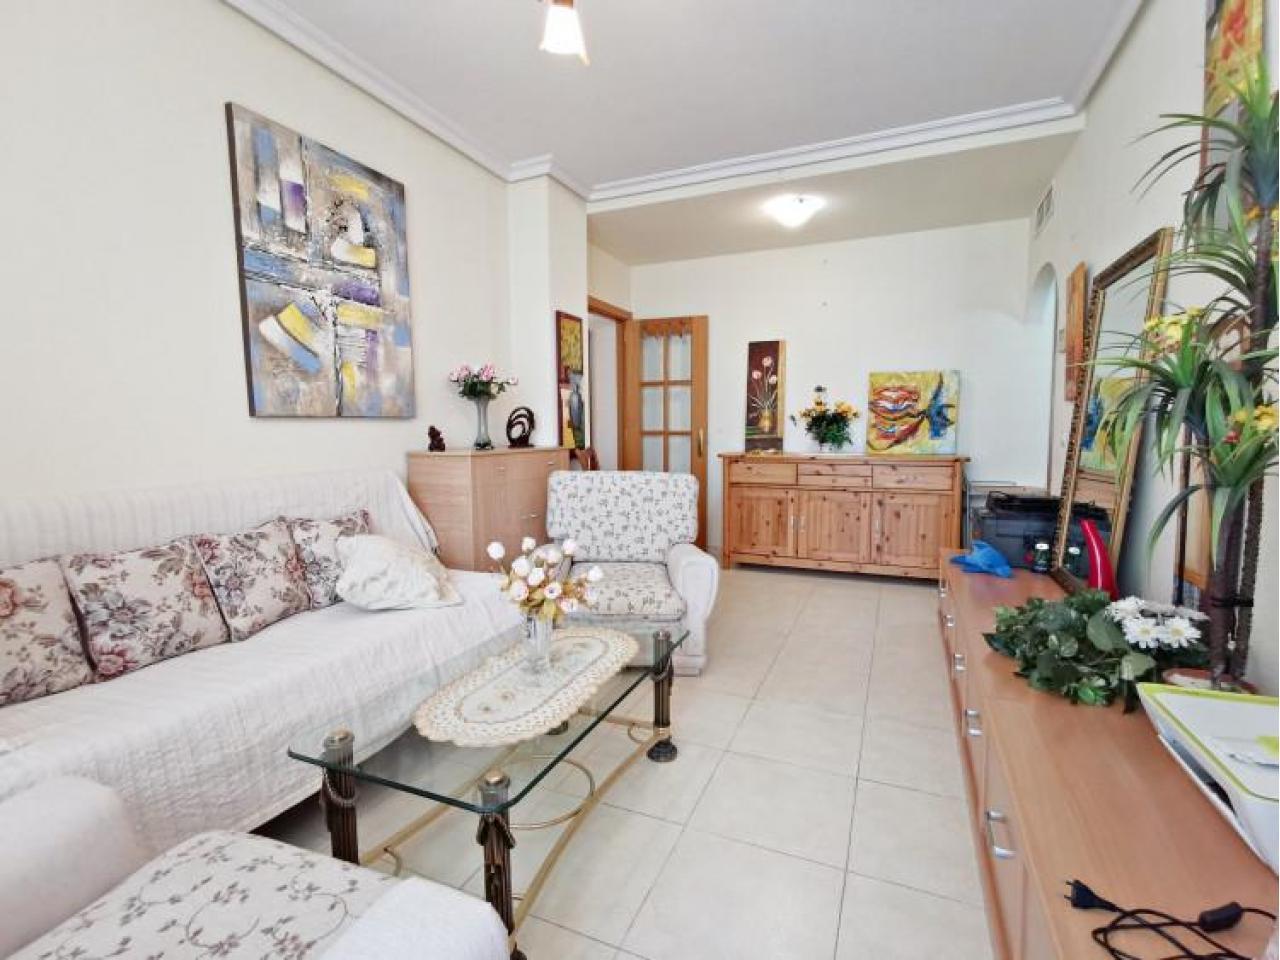 Прекрасная квартира возле моря в Бенидорме, Испания - 4